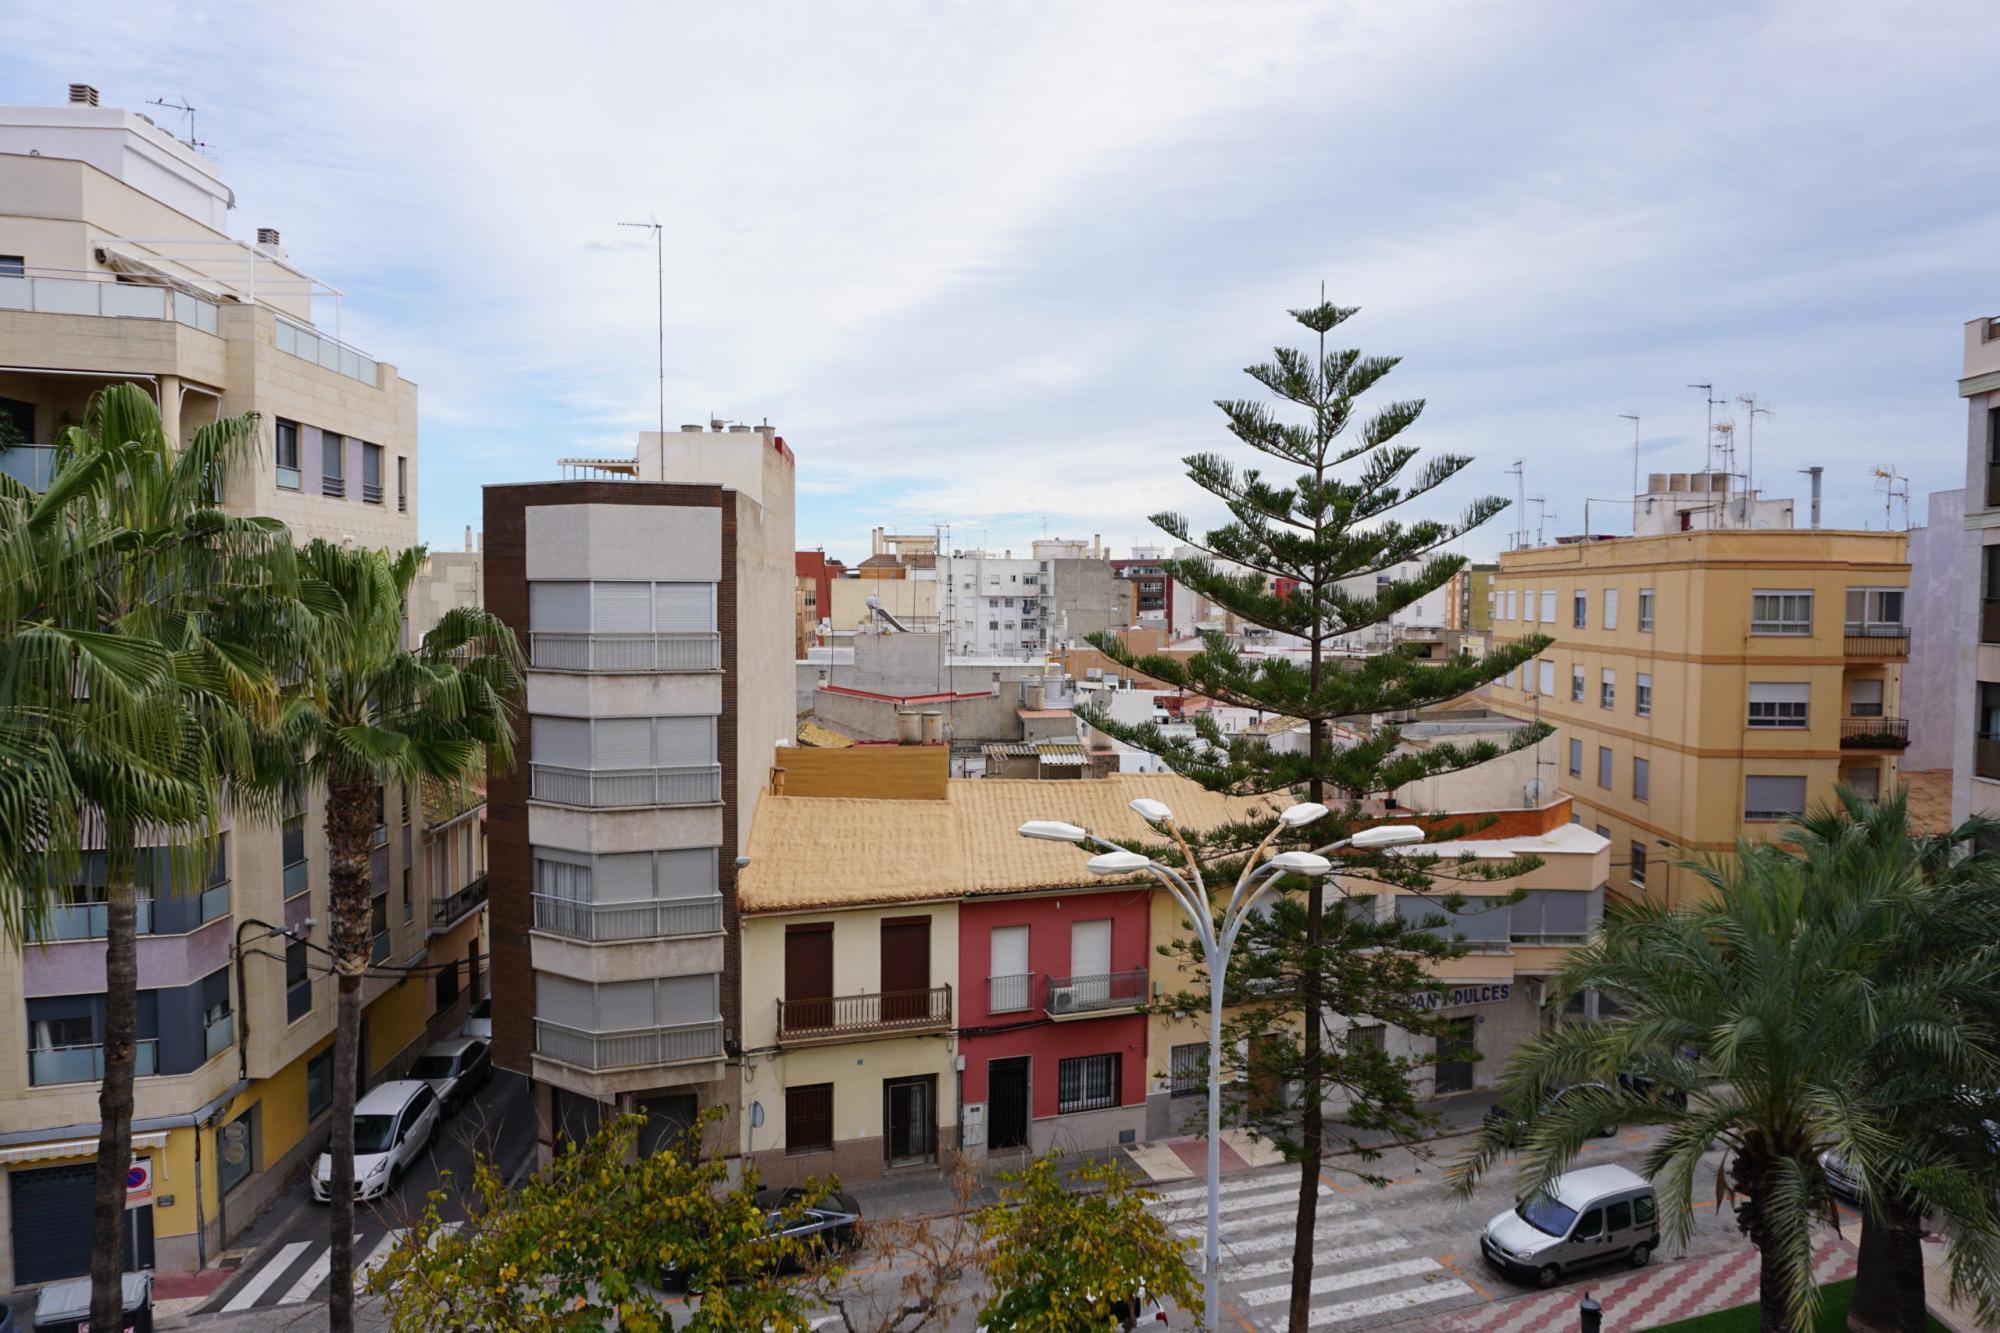 Piso en venta en Burriana (Castellón) zona carretera de Nules